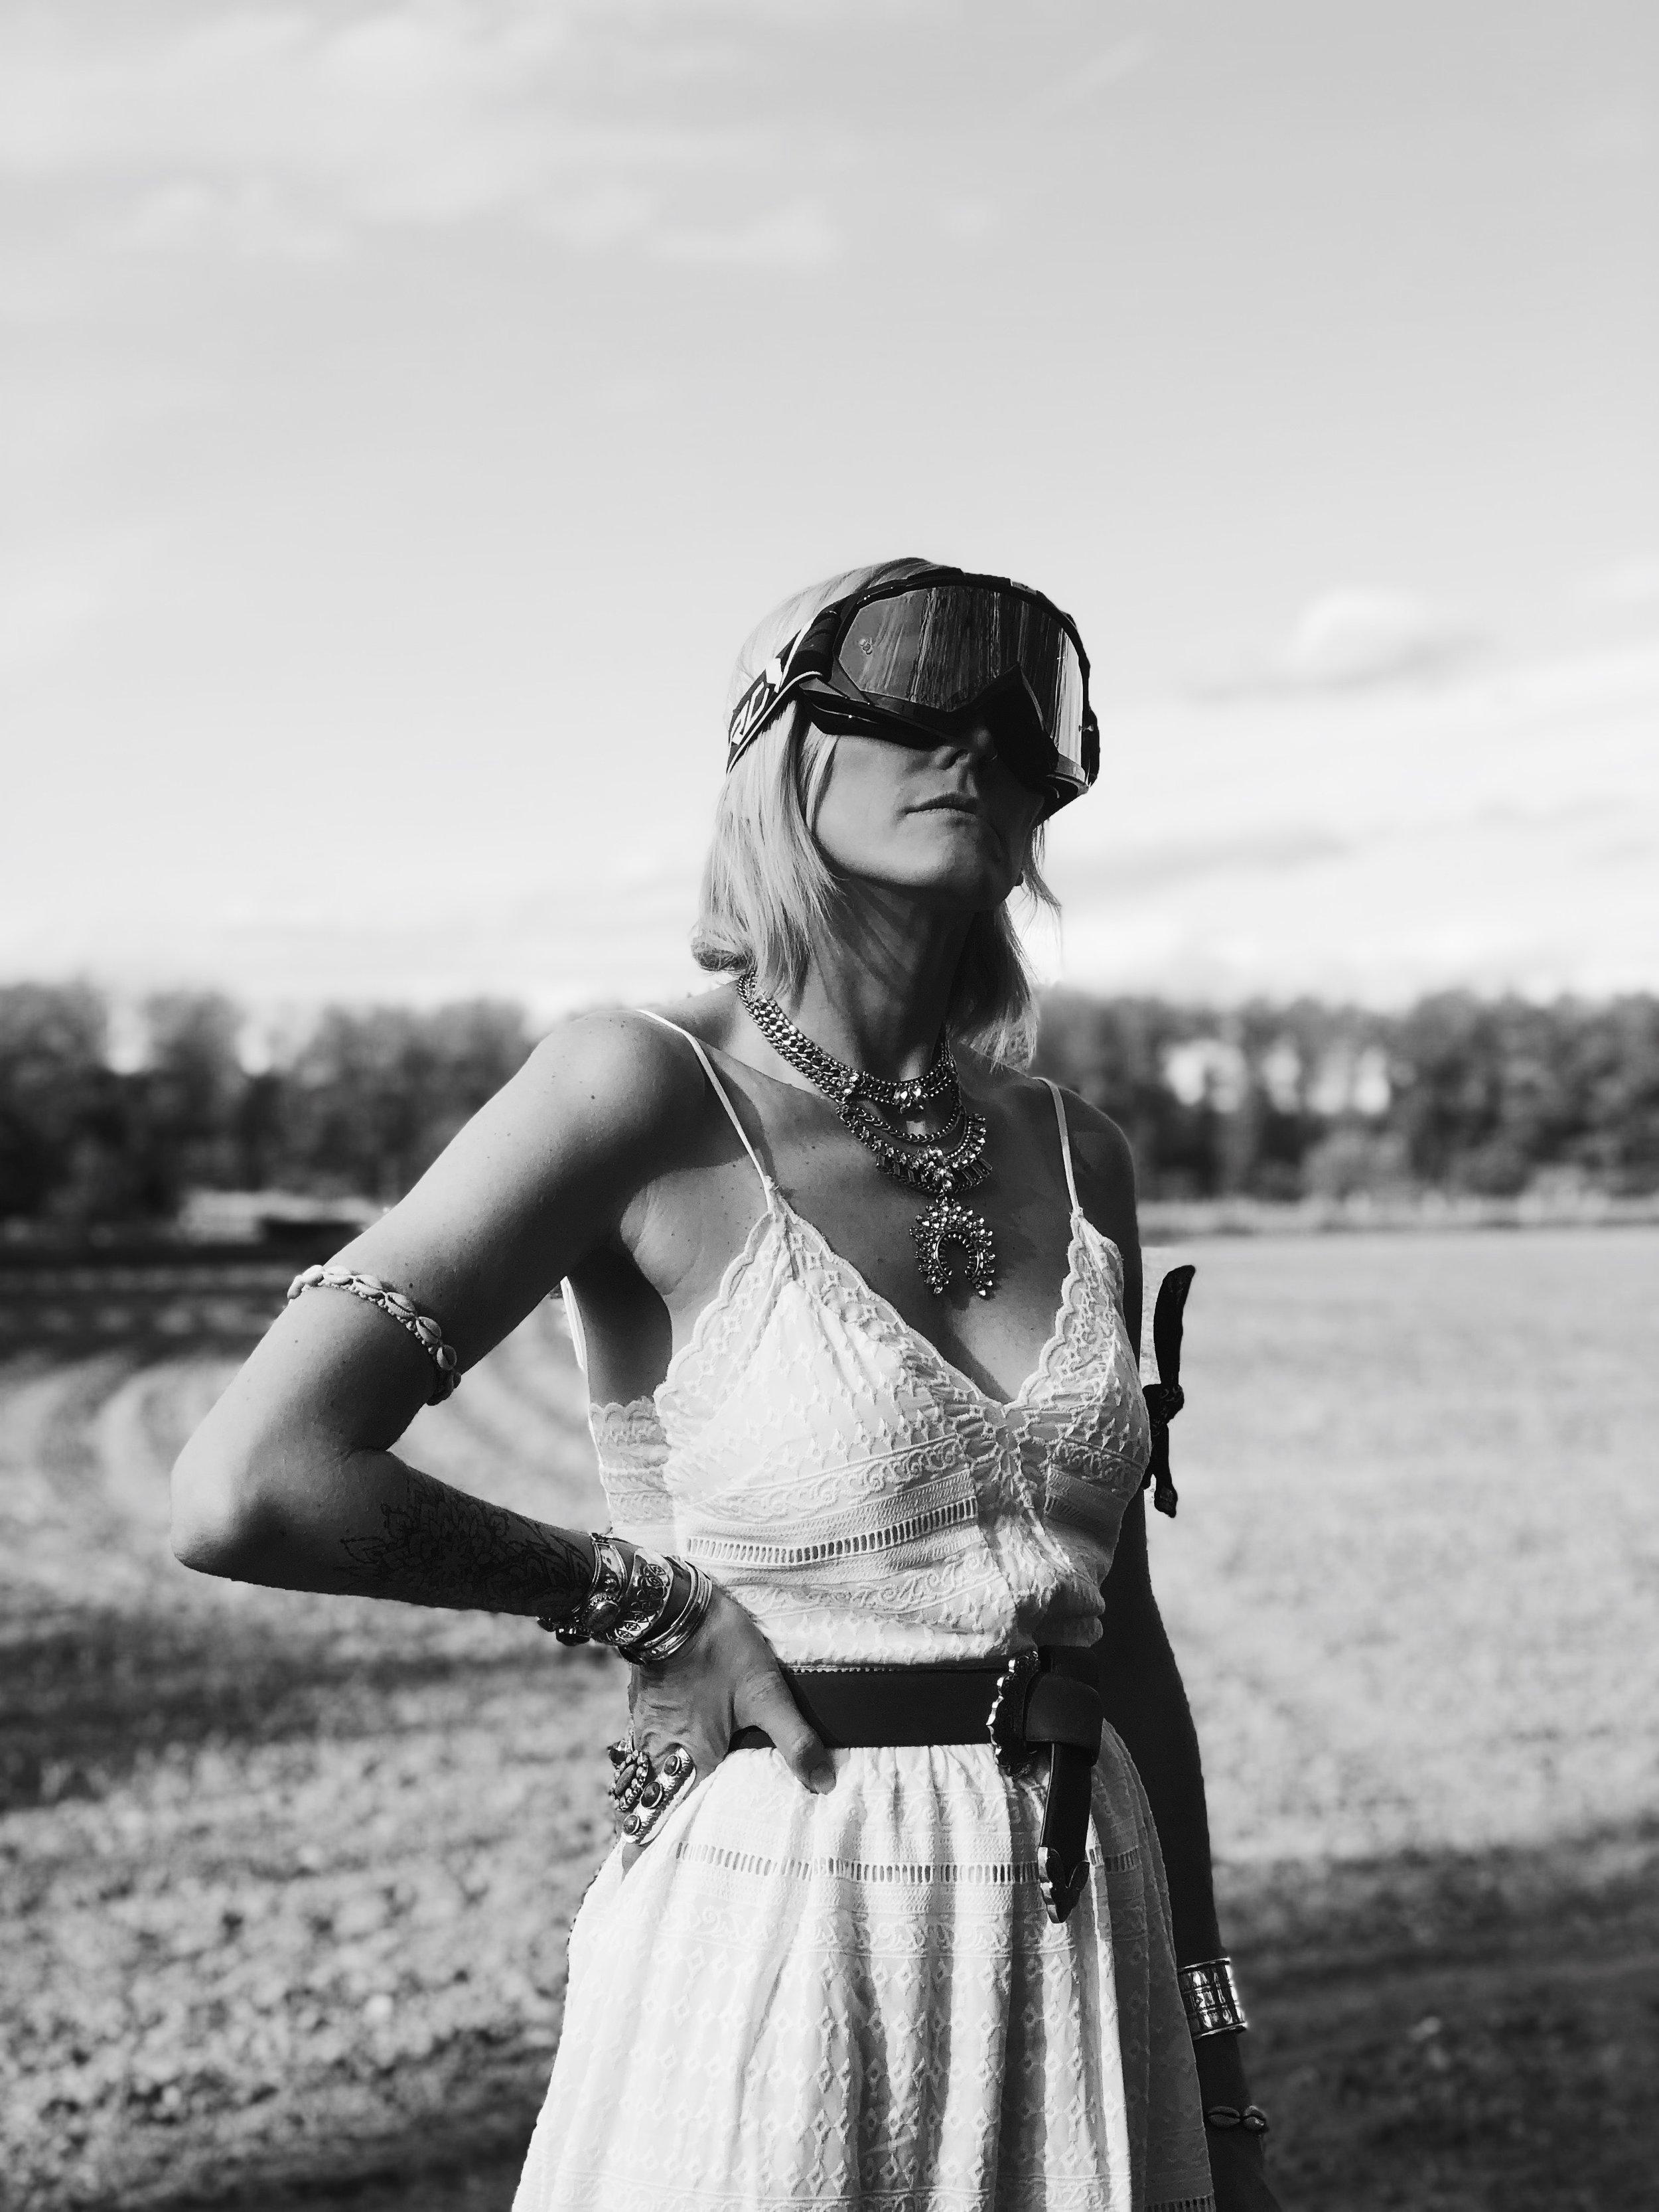 Carnet Sauvage - blog mode et tendances, direction artistique Lille, idée look bohème - robe brodée blanche